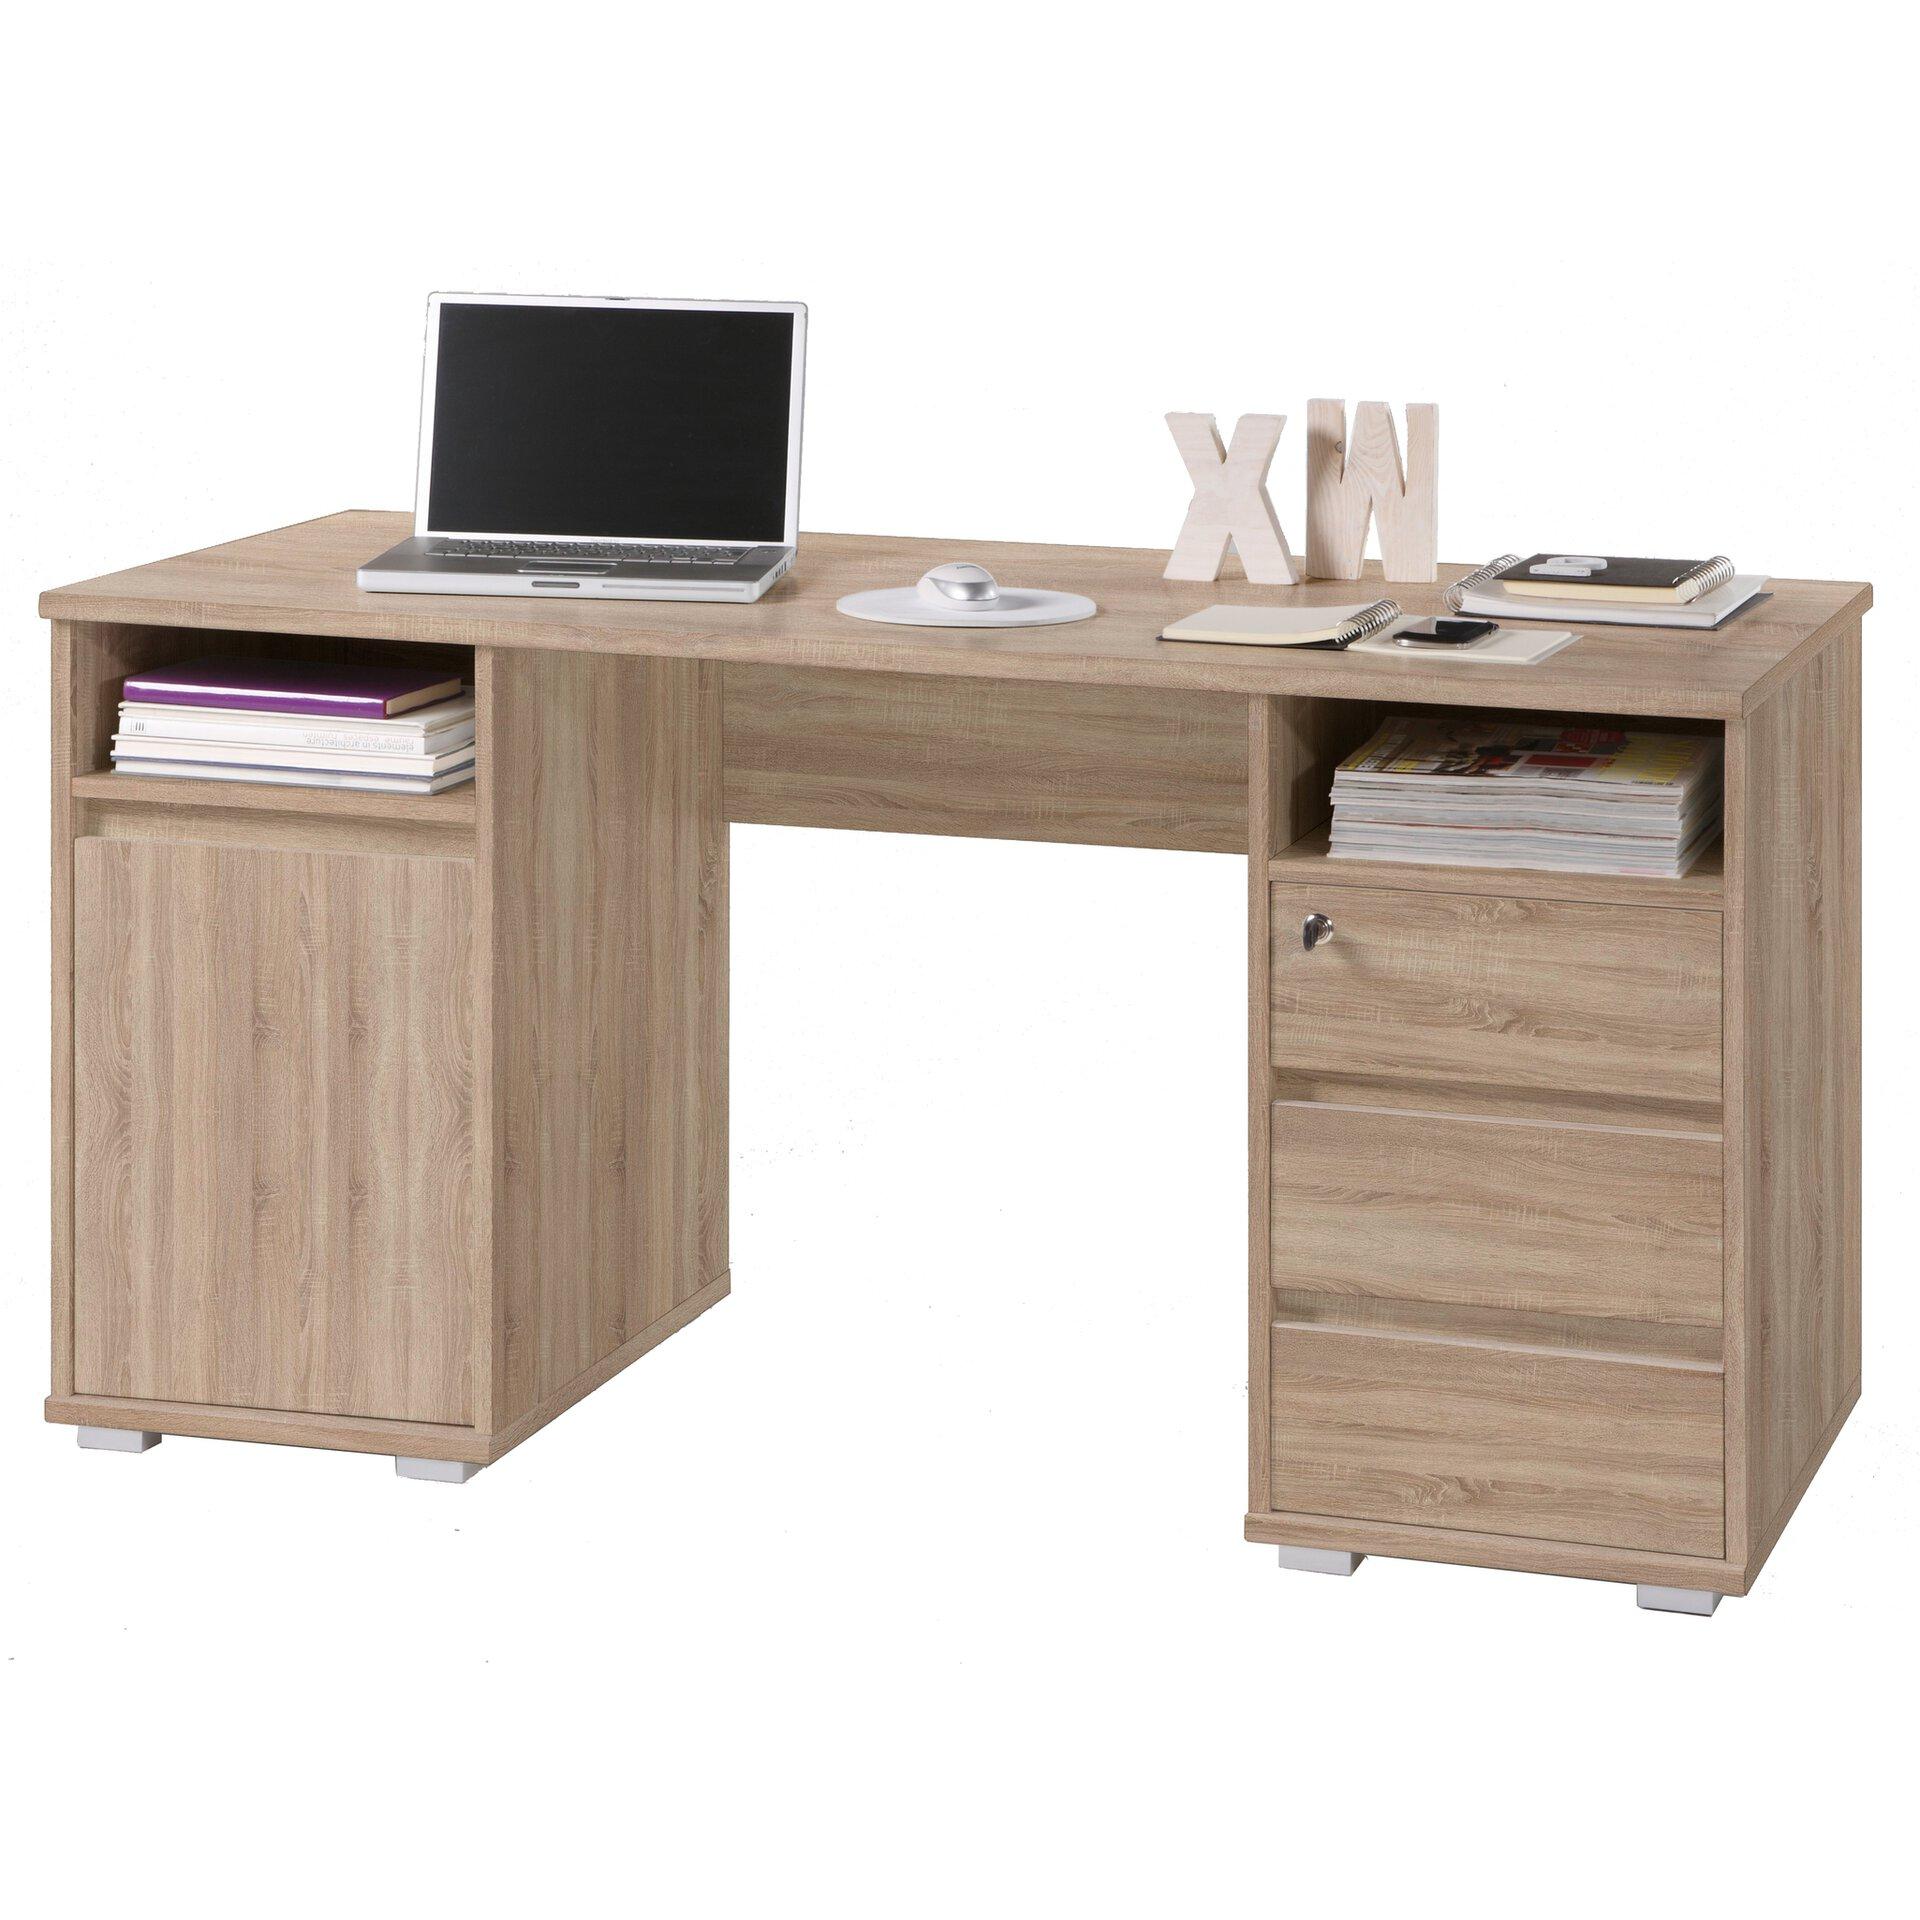 Schreibtisch PRIMUS 2 CELECT Holzwerkstoff 65 x 75 x 145 cm